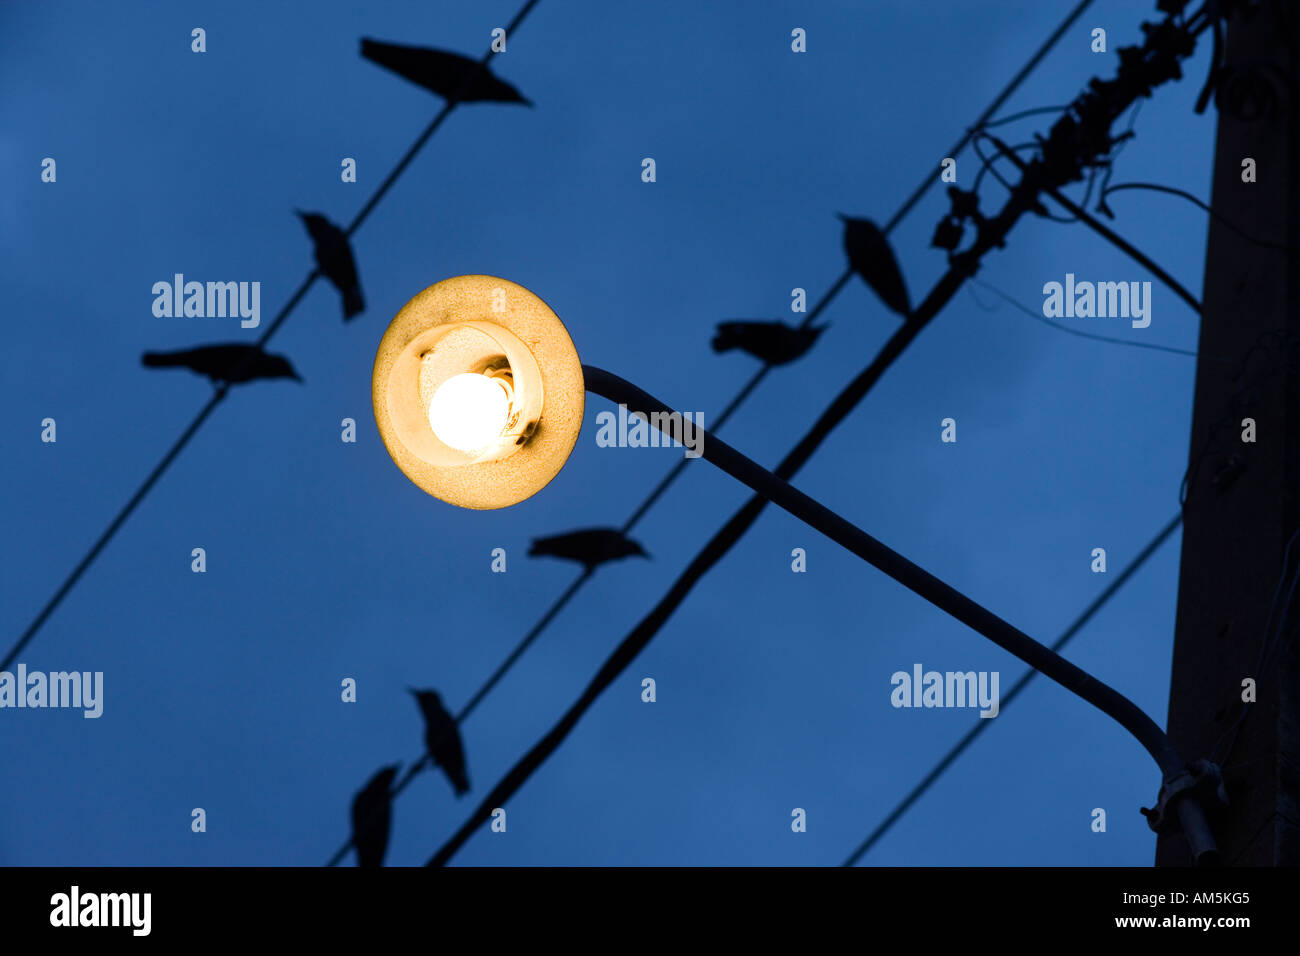 Oiseaux sur un fil. Lampadaire jaune contre un ciel bleu foncé. Photo Stock